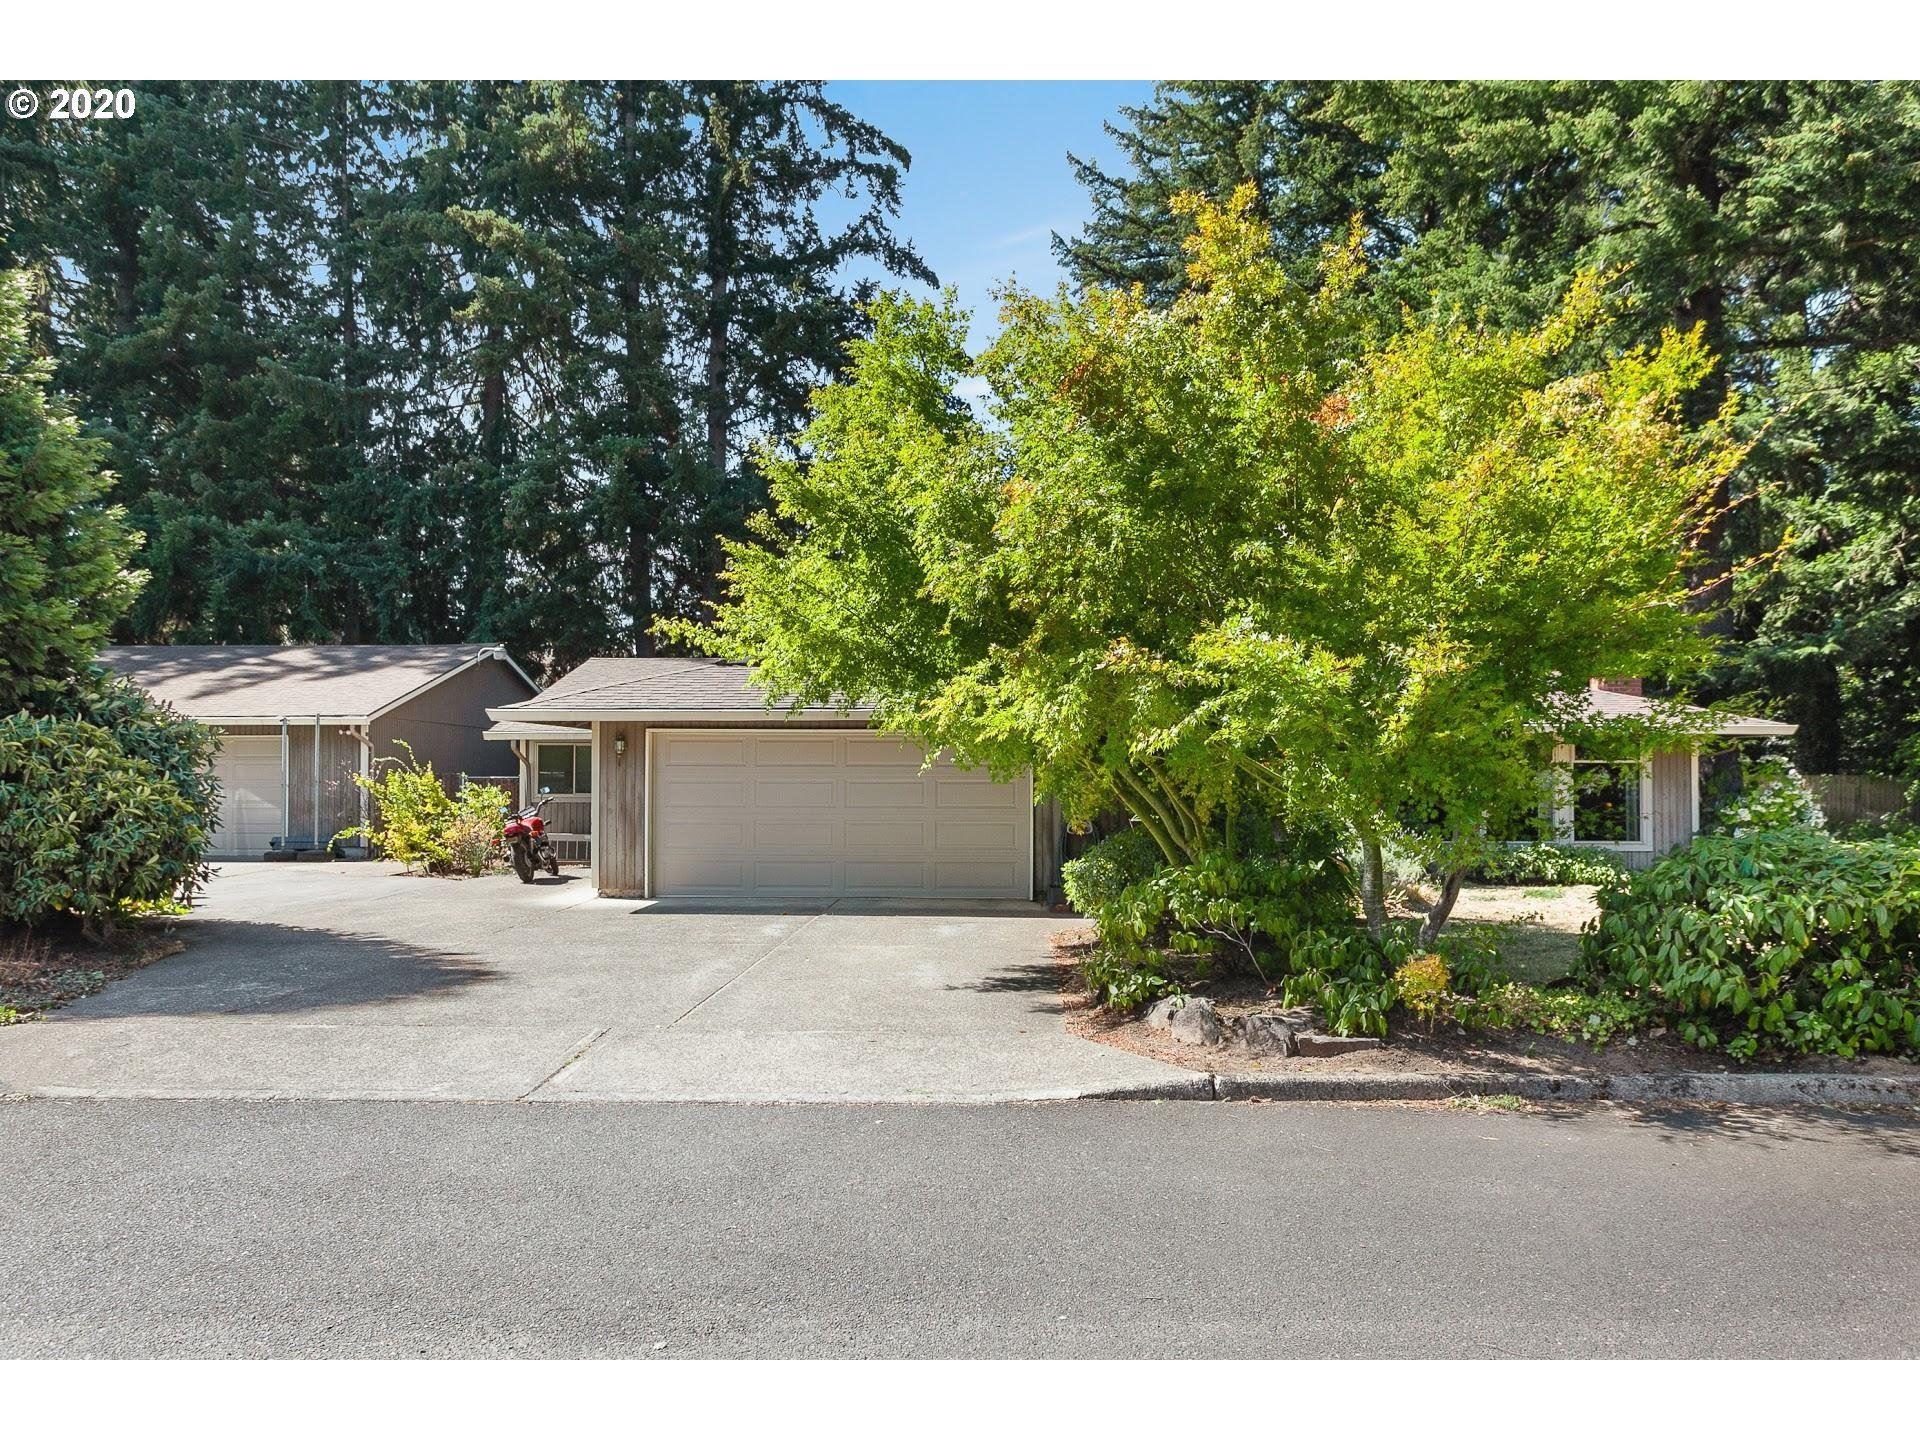 13129 SE RAMONA ST, Portland, OR 97236 - MLS#: 20525522